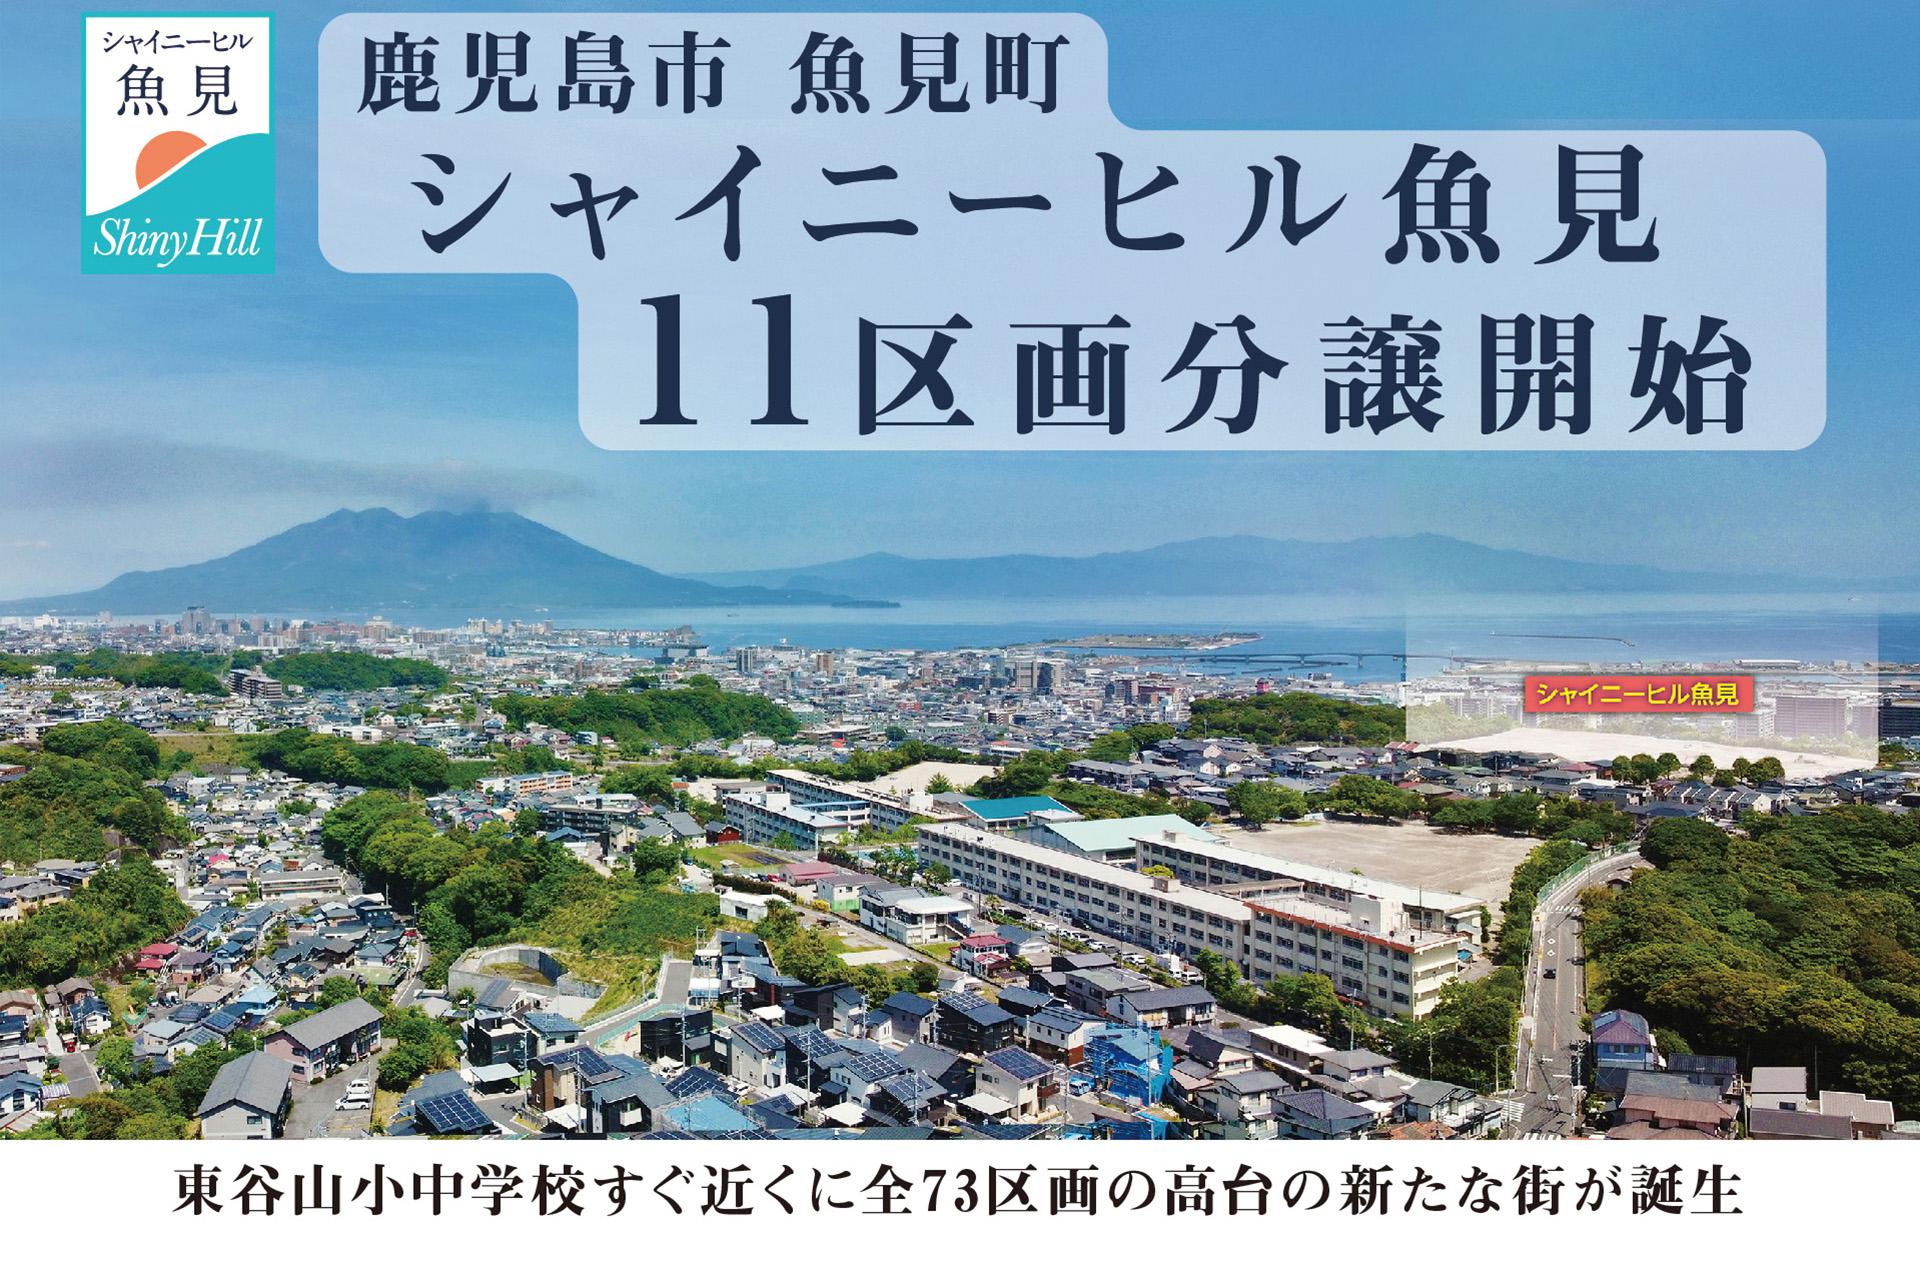 【5区画分譲中】鹿児島市魚見町『シャイニーヒル魚見』